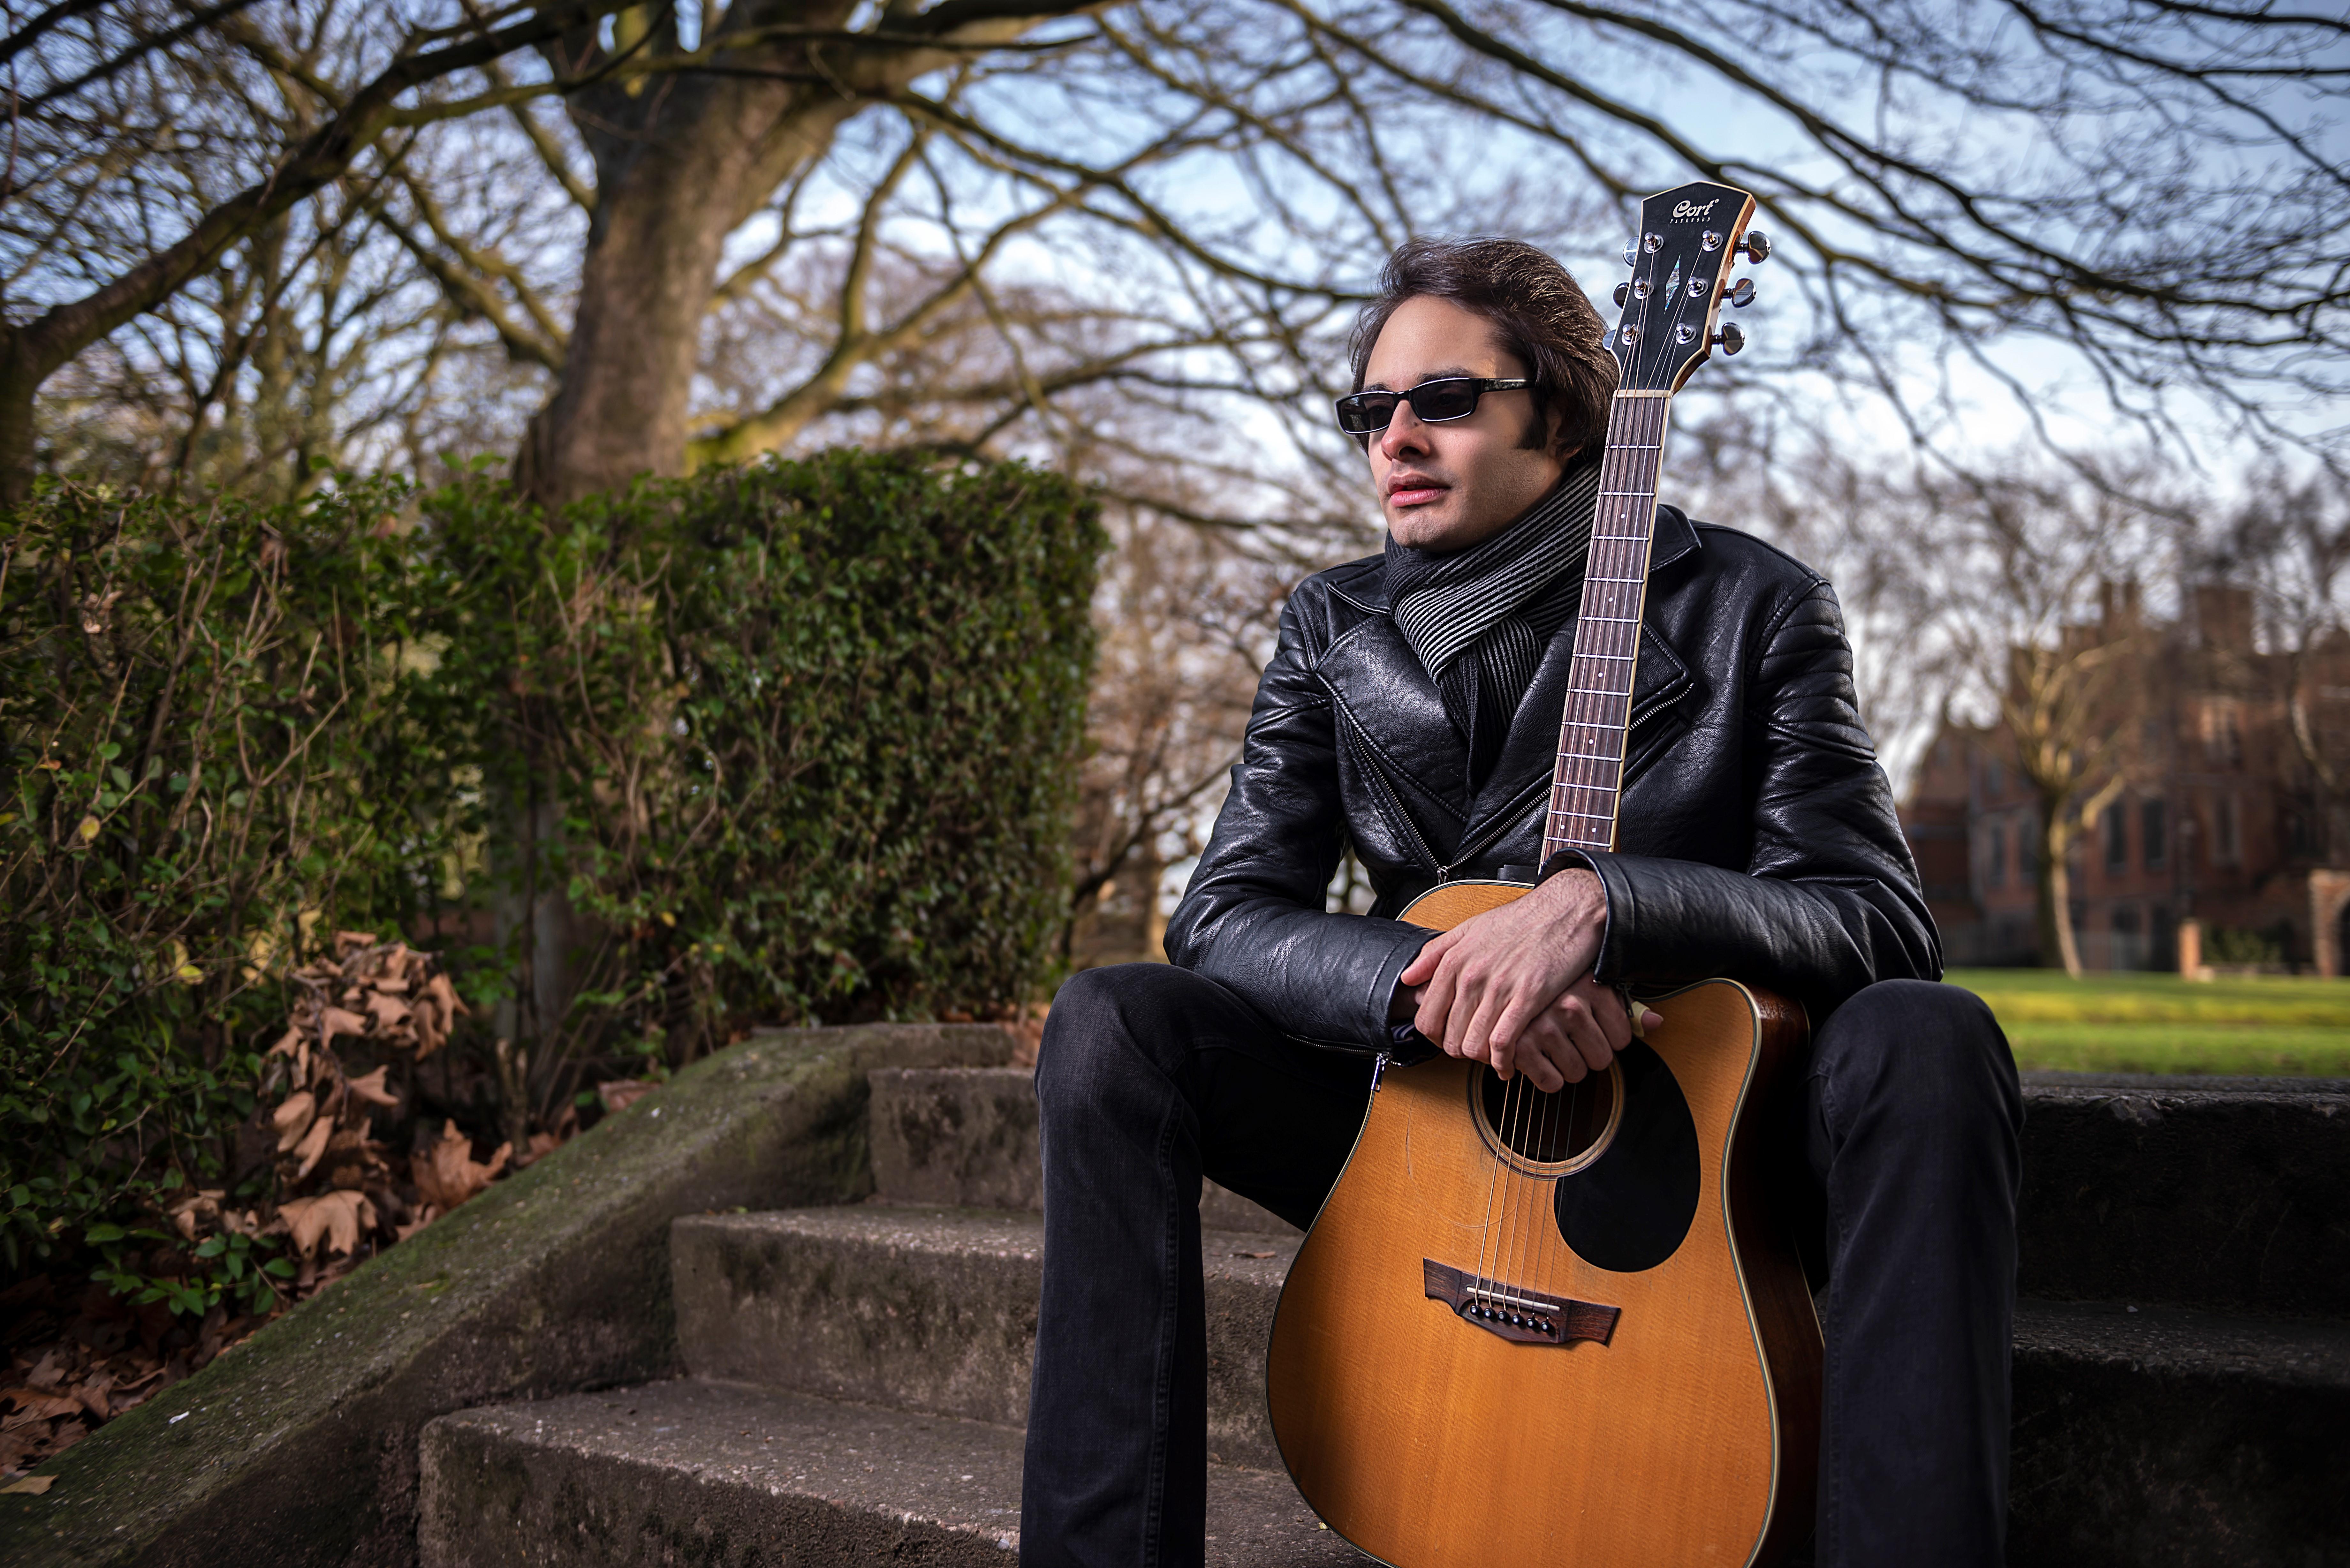 Singer Songwriter – Sunjay – releases latest album Devil Came